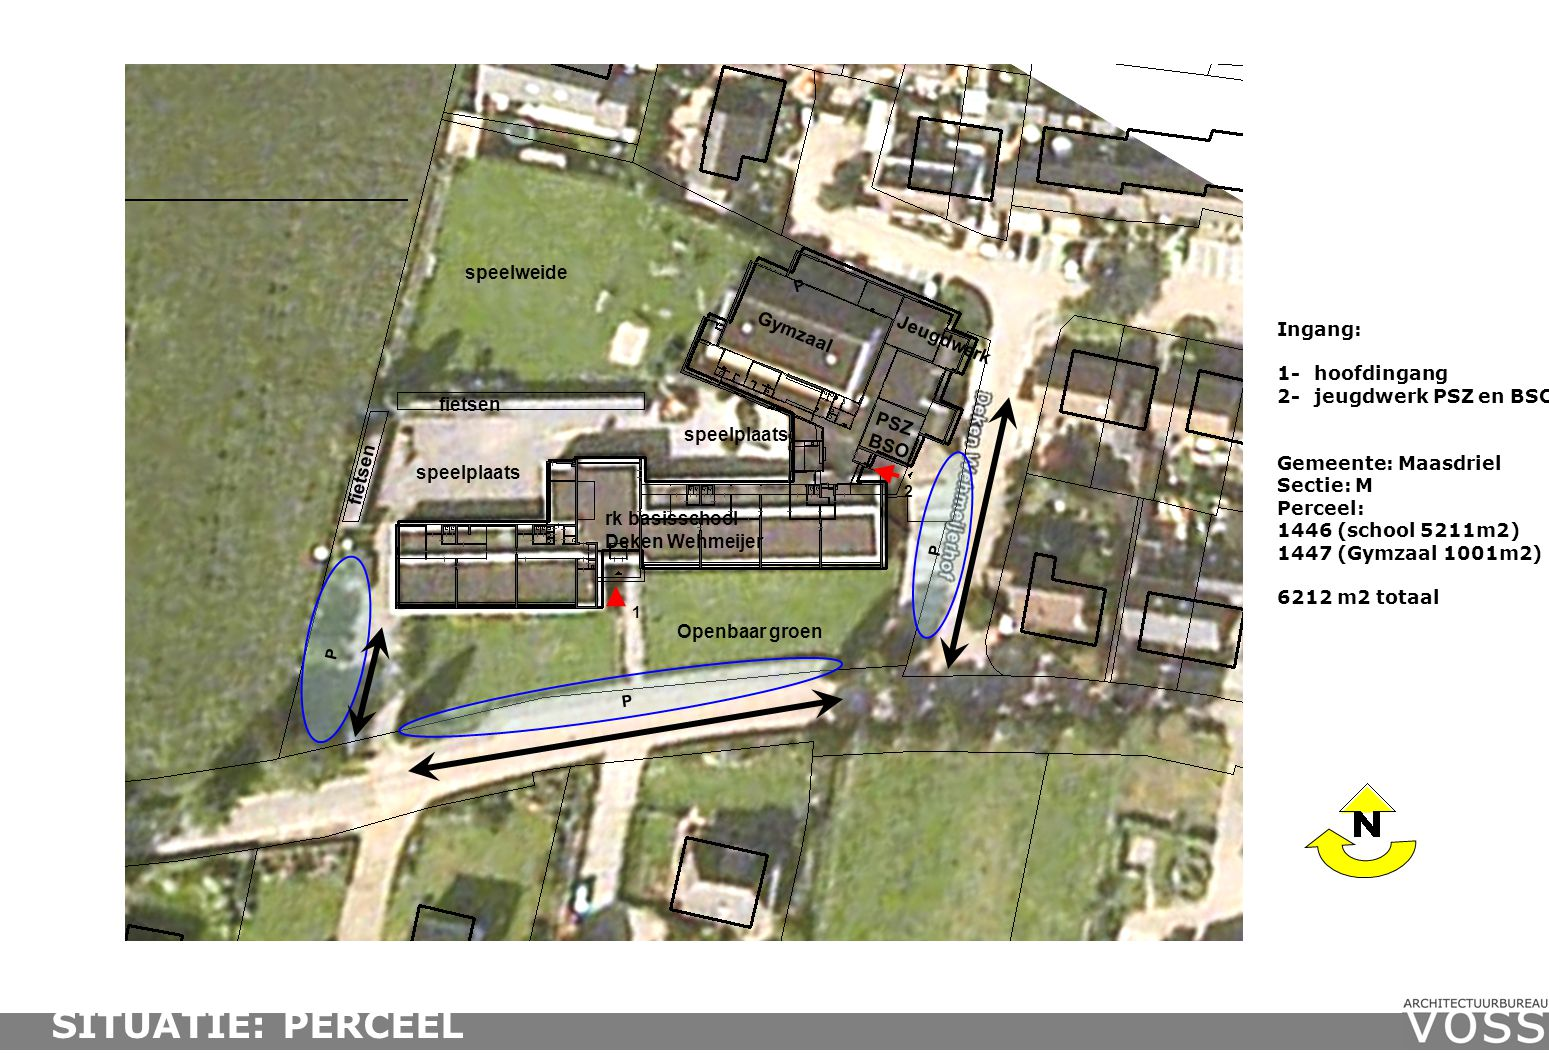 Ingang: 1-hoofdingang 2-jeugdwerk PSZ en BSO Gemeente: Maasdriel Sectie: M Perceel: 1446 (school 5211m2) 1447 (Gymzaal 1001m2) 6212 m2 totaal fietsen PSZ BSO rk basisschool Deken Wehmeijer Jeugdwerk P P 1 2 Gymzaal fietsen P P speelplaats speelweide Openbaar groen speelplaats SITUATIE: PERCEEL